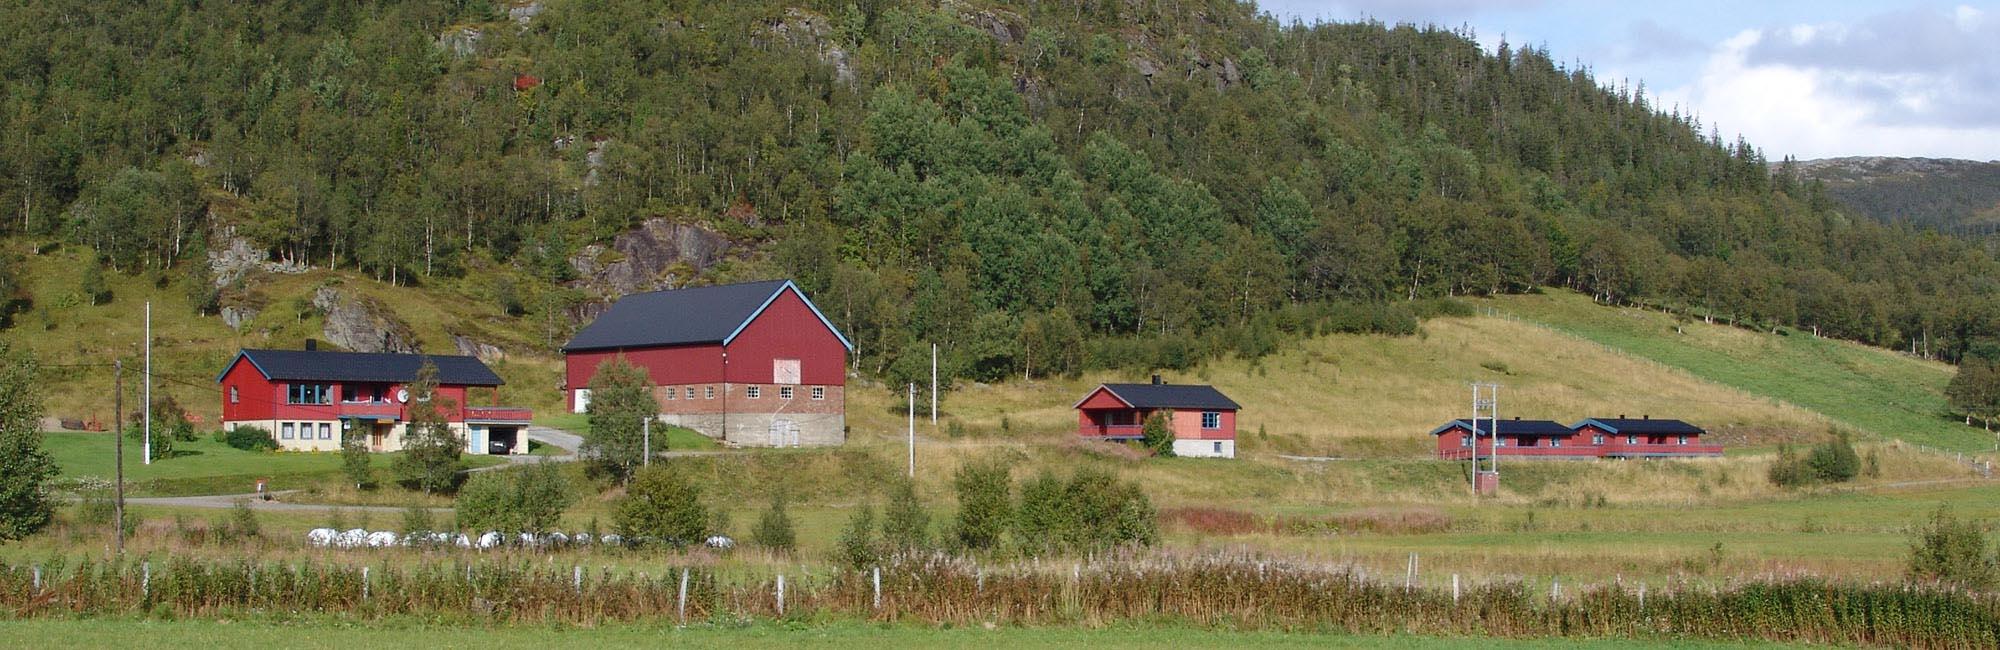 Lonin Gård & Camping